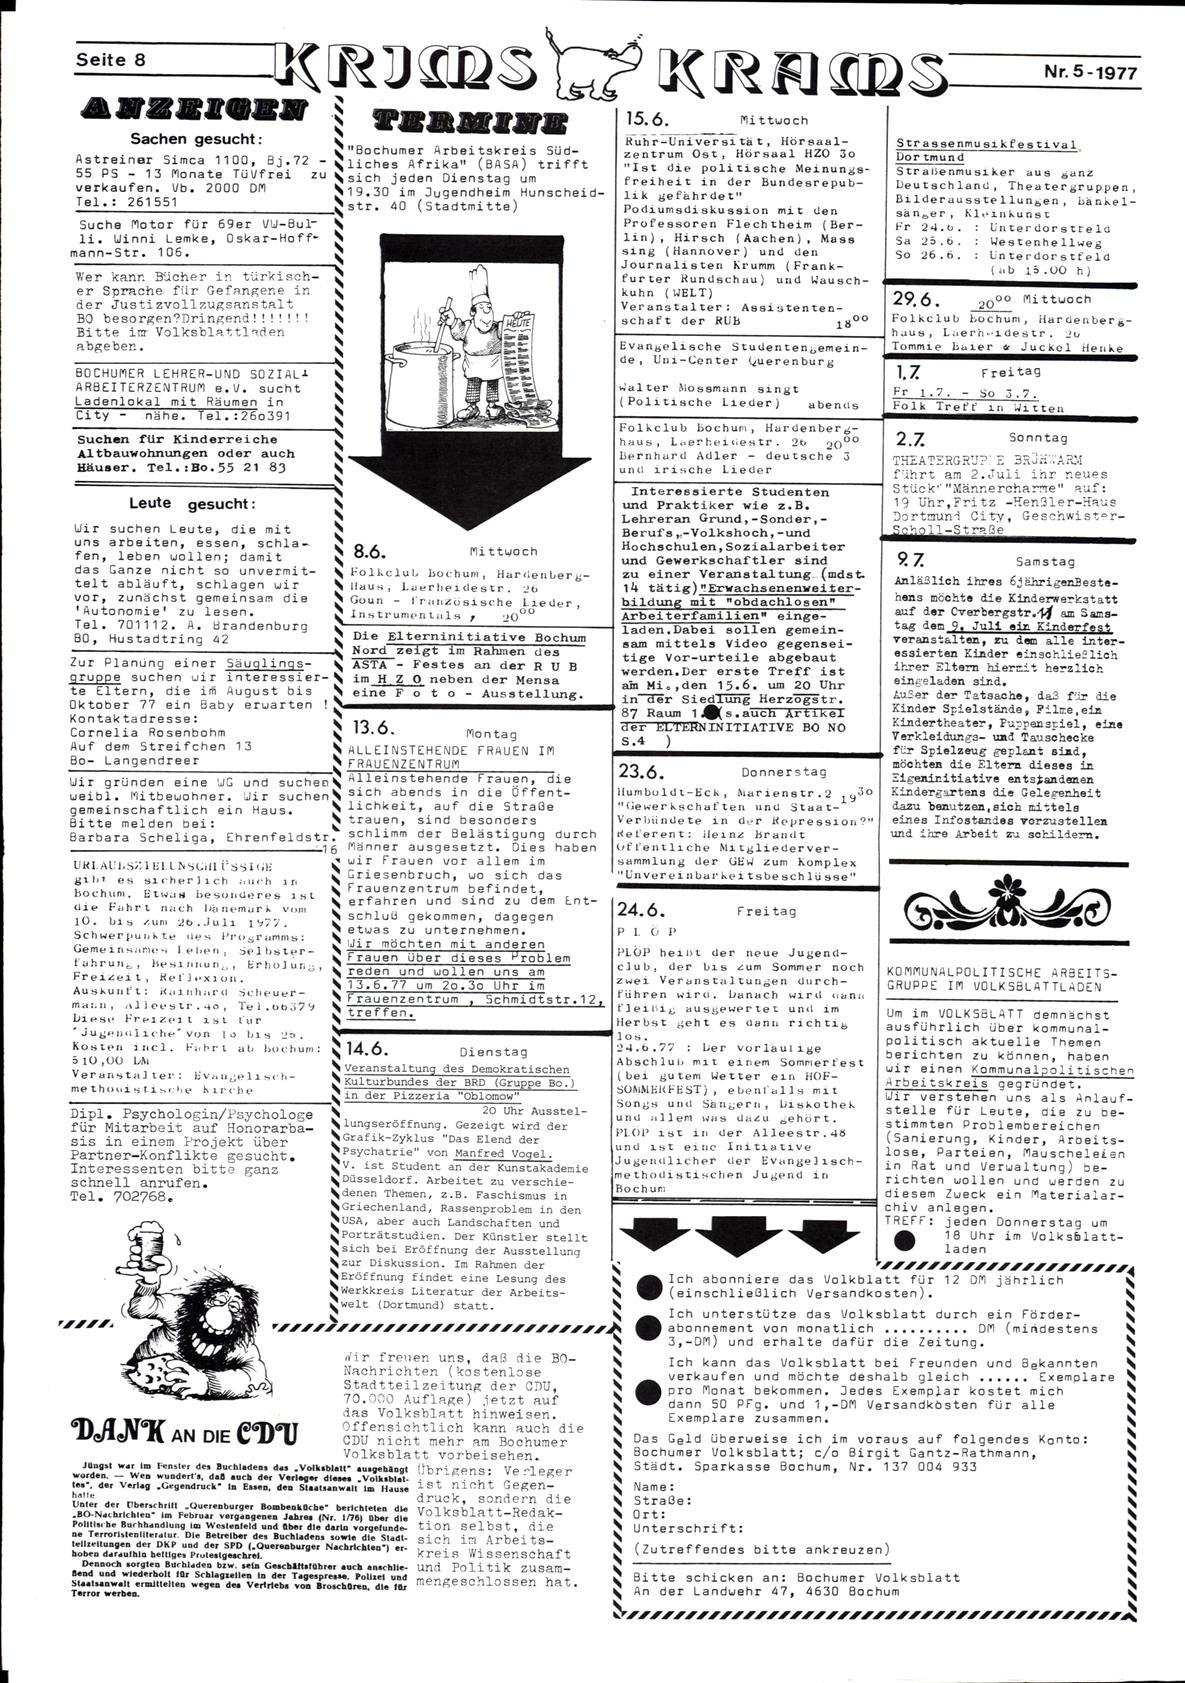 Bochum_Volksblatt_19770600_05_08